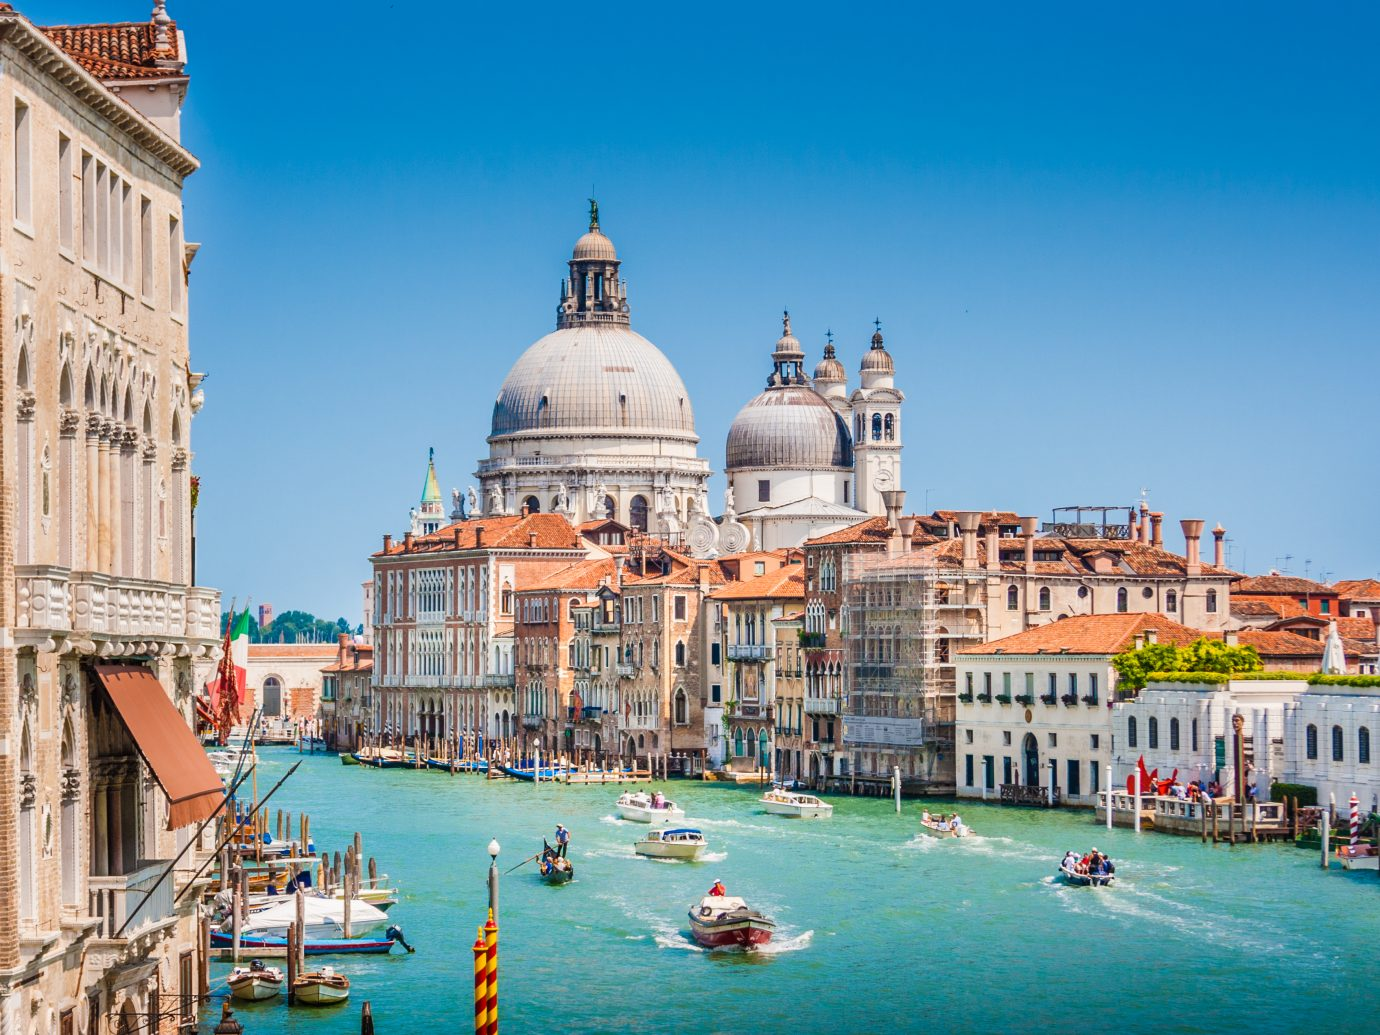 Beautiful view of famous Canal Grande with Basilica di Santa Maria della Salute, Venice, Italy.